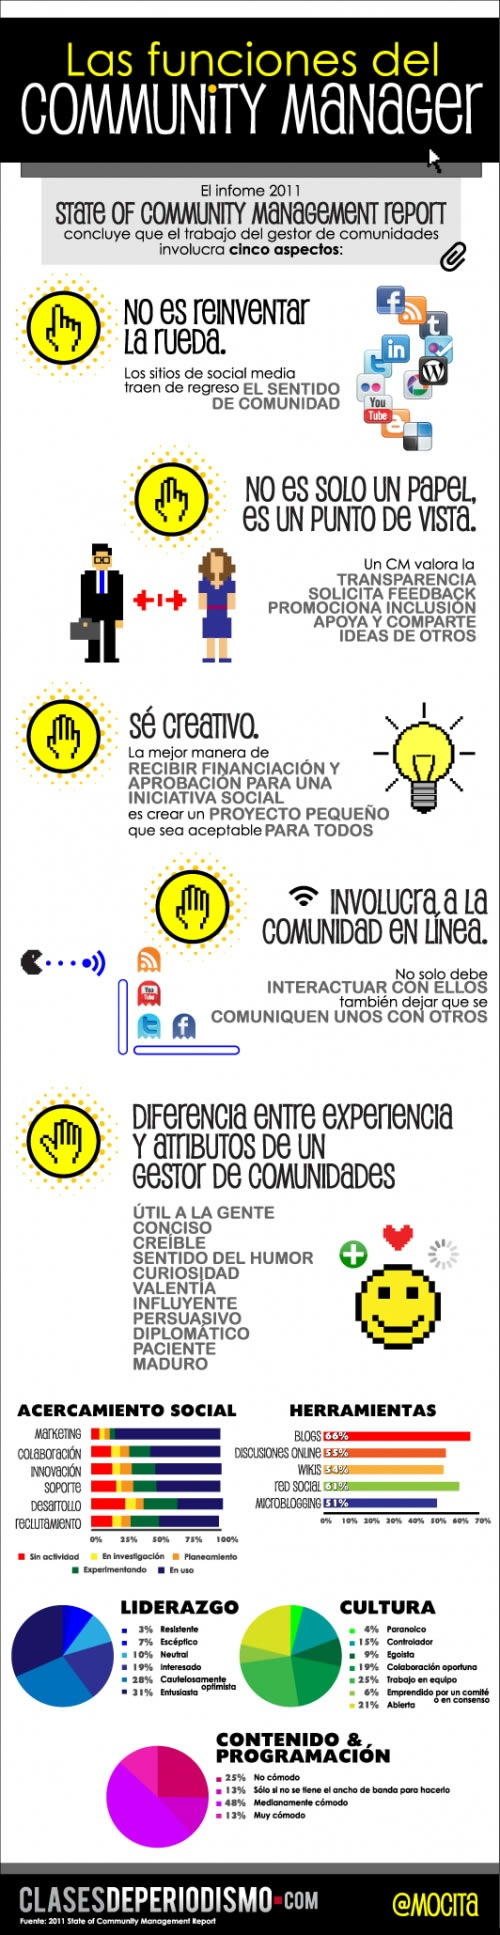 las-5-funciones-del-community-manager